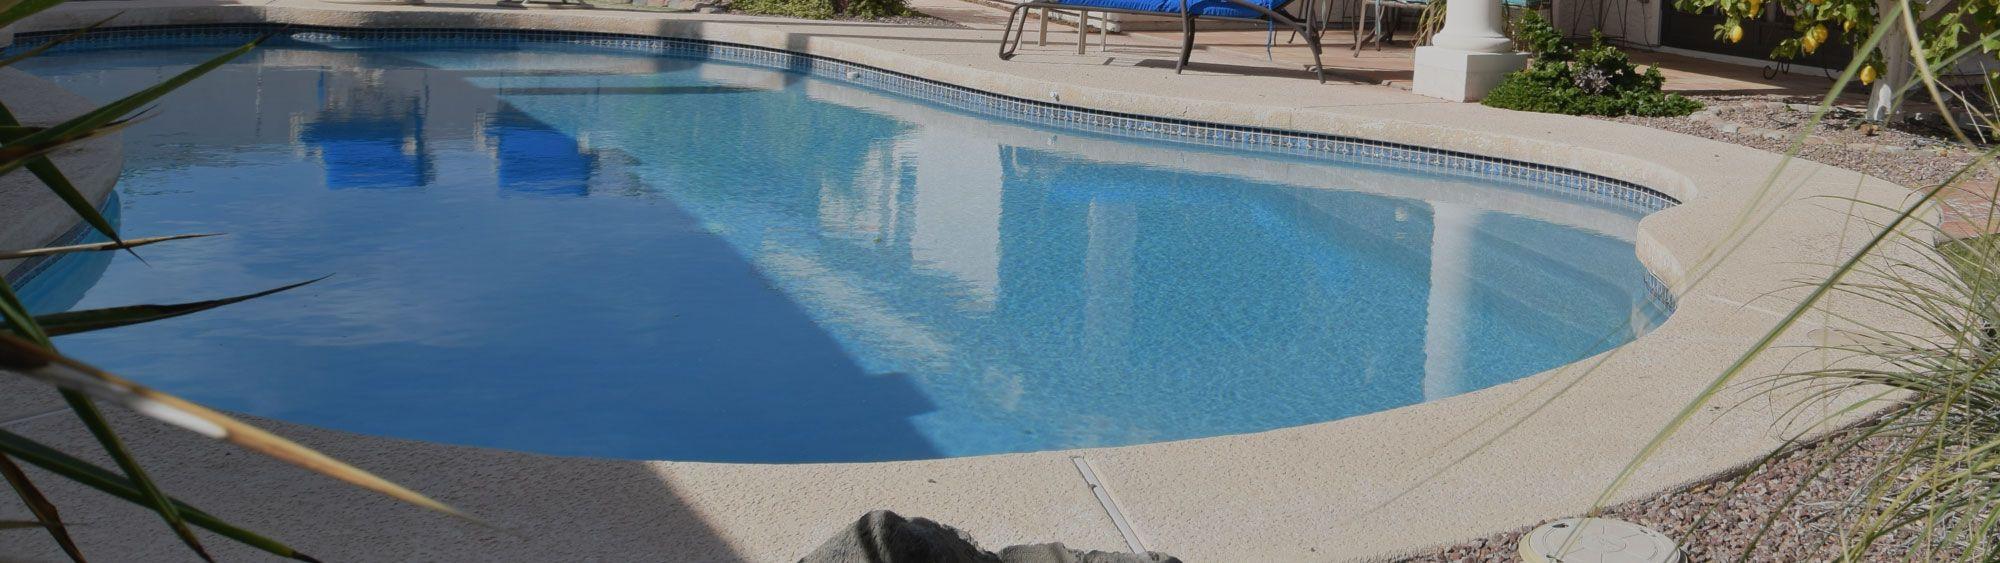 Bild eines Pools